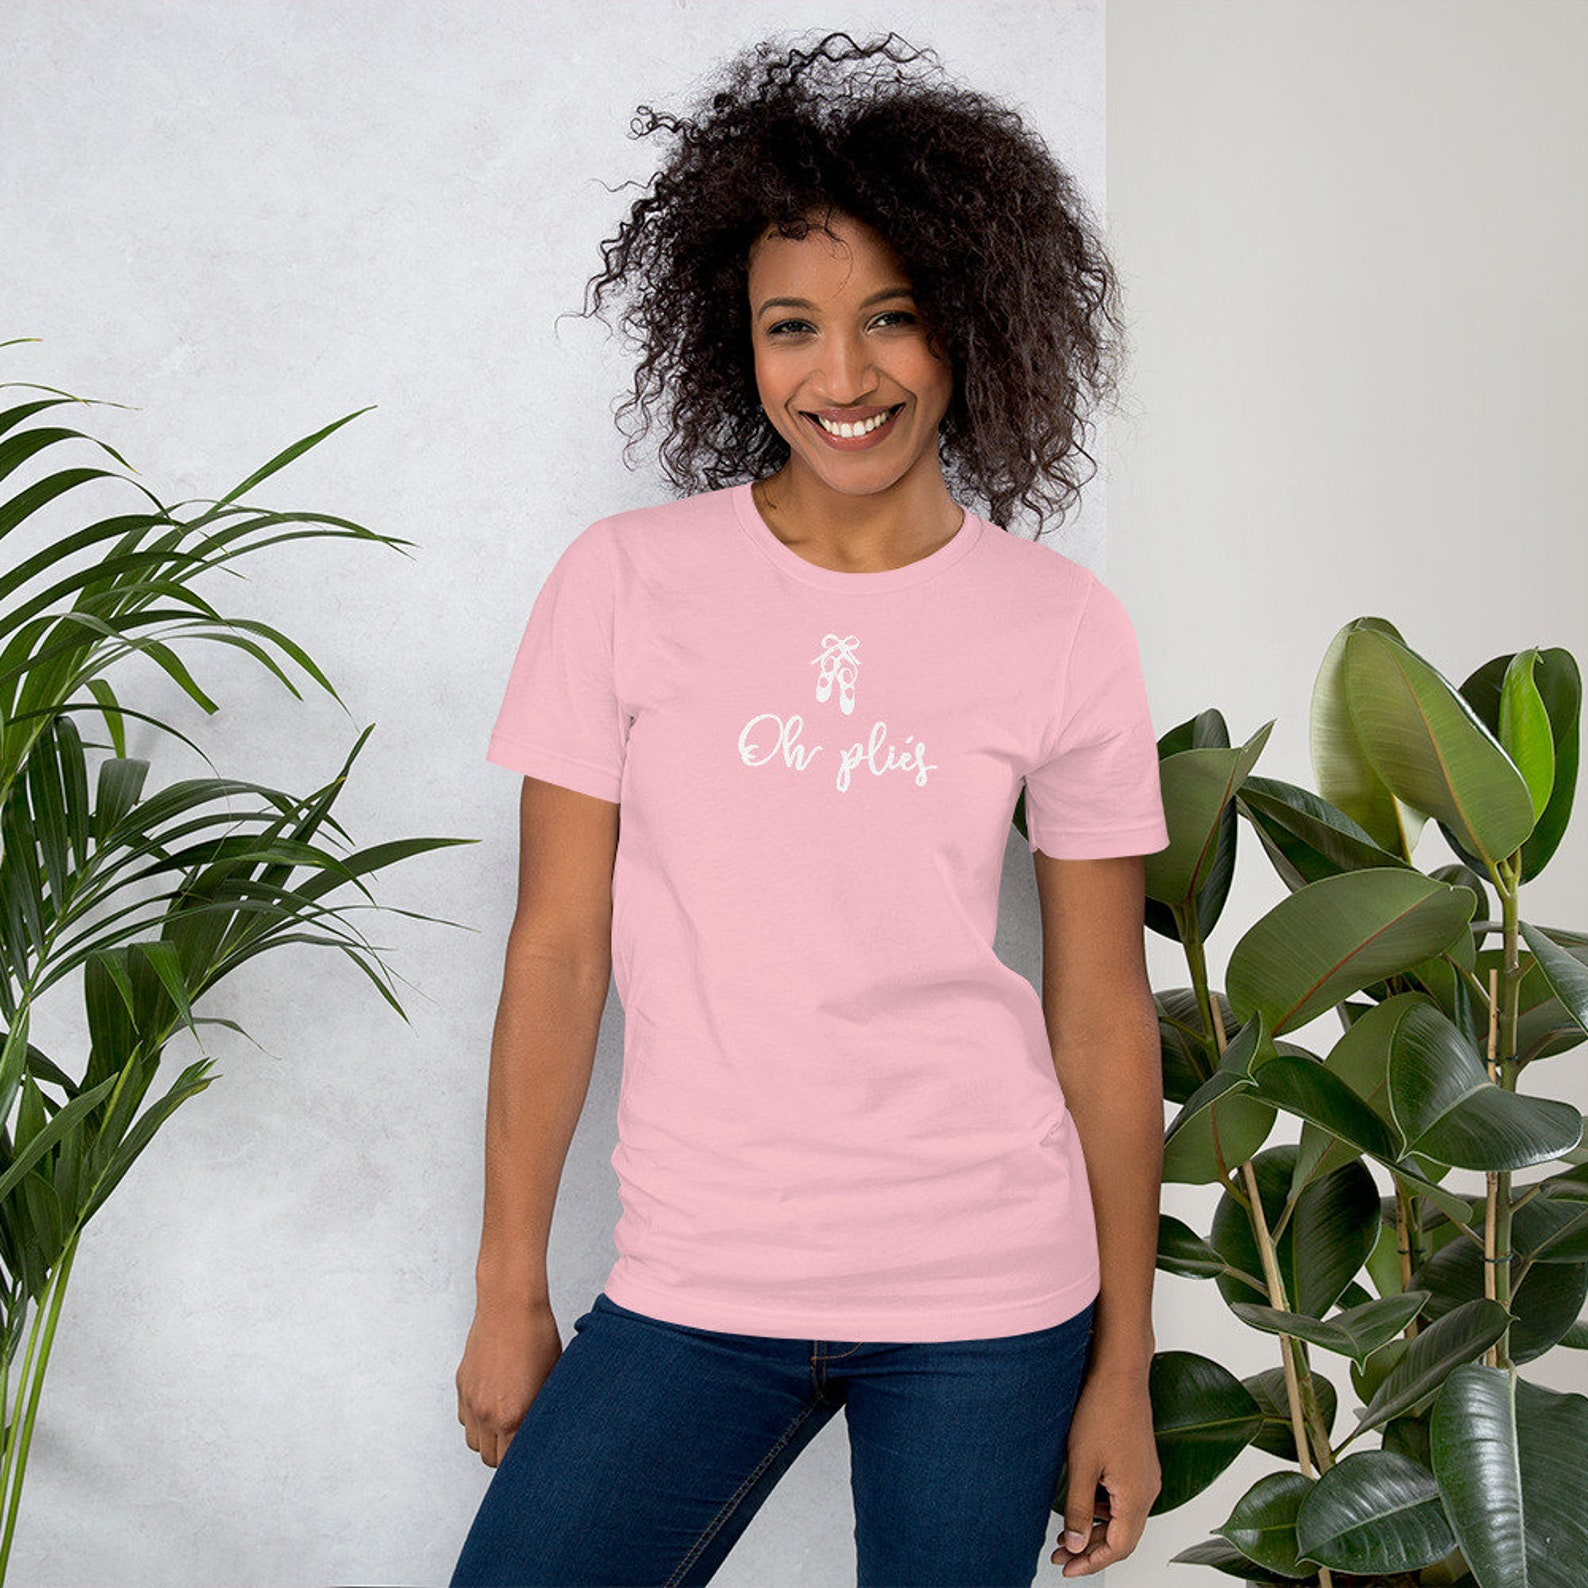 ballet t-shirt / dance gift idea / ballet teacher shirt / coach appreciation present / women's dancer tshirt / dance mode /